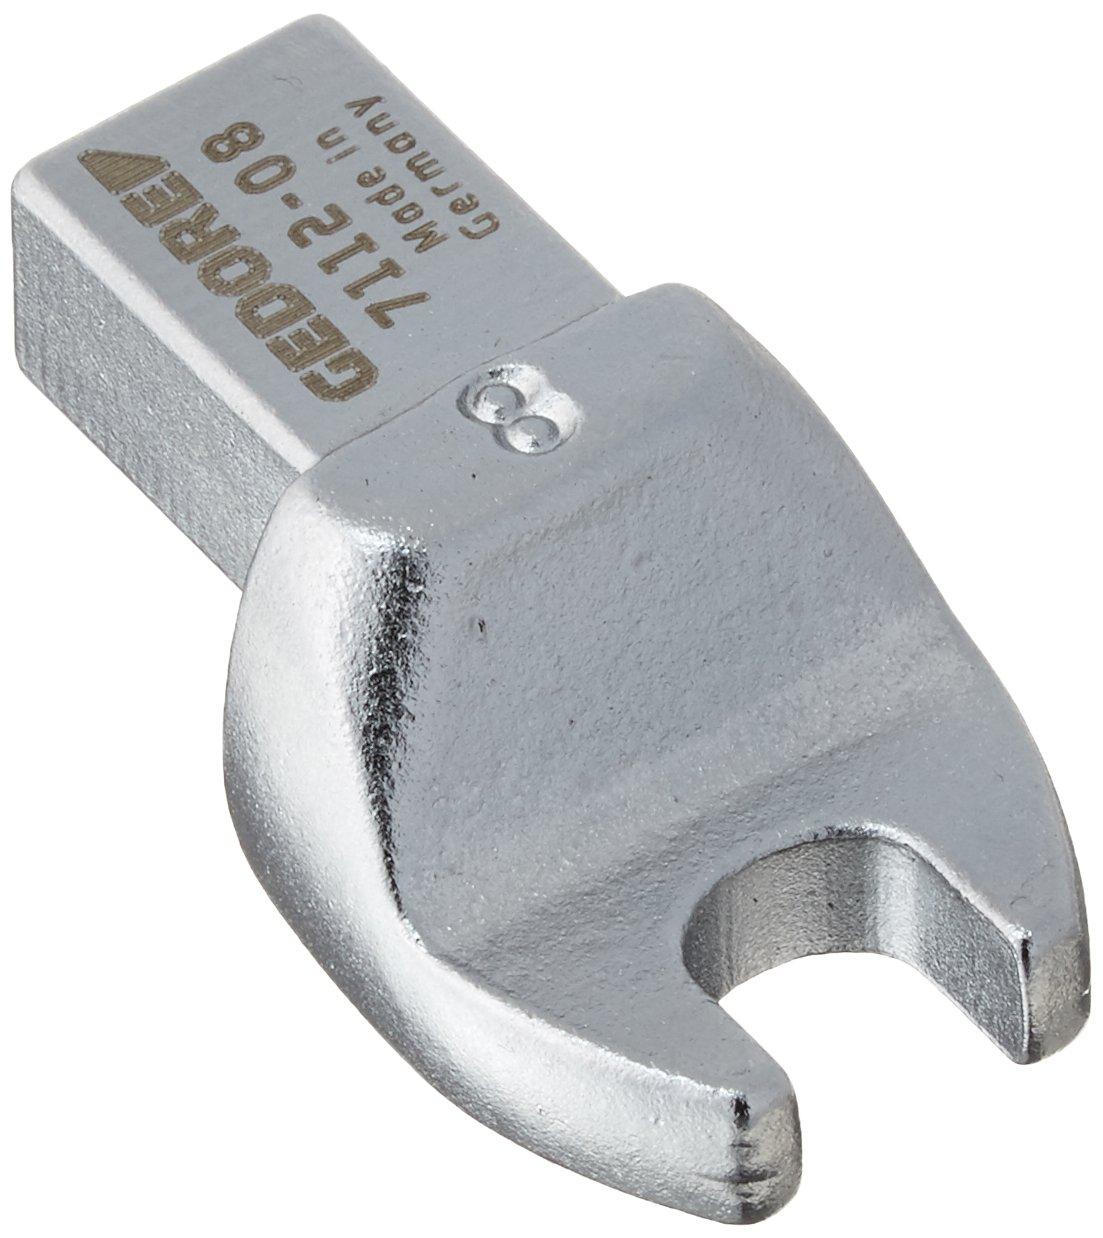 Gedore 7118-18 Cabeza de llave de boca abierta SE 14x18 18 mm